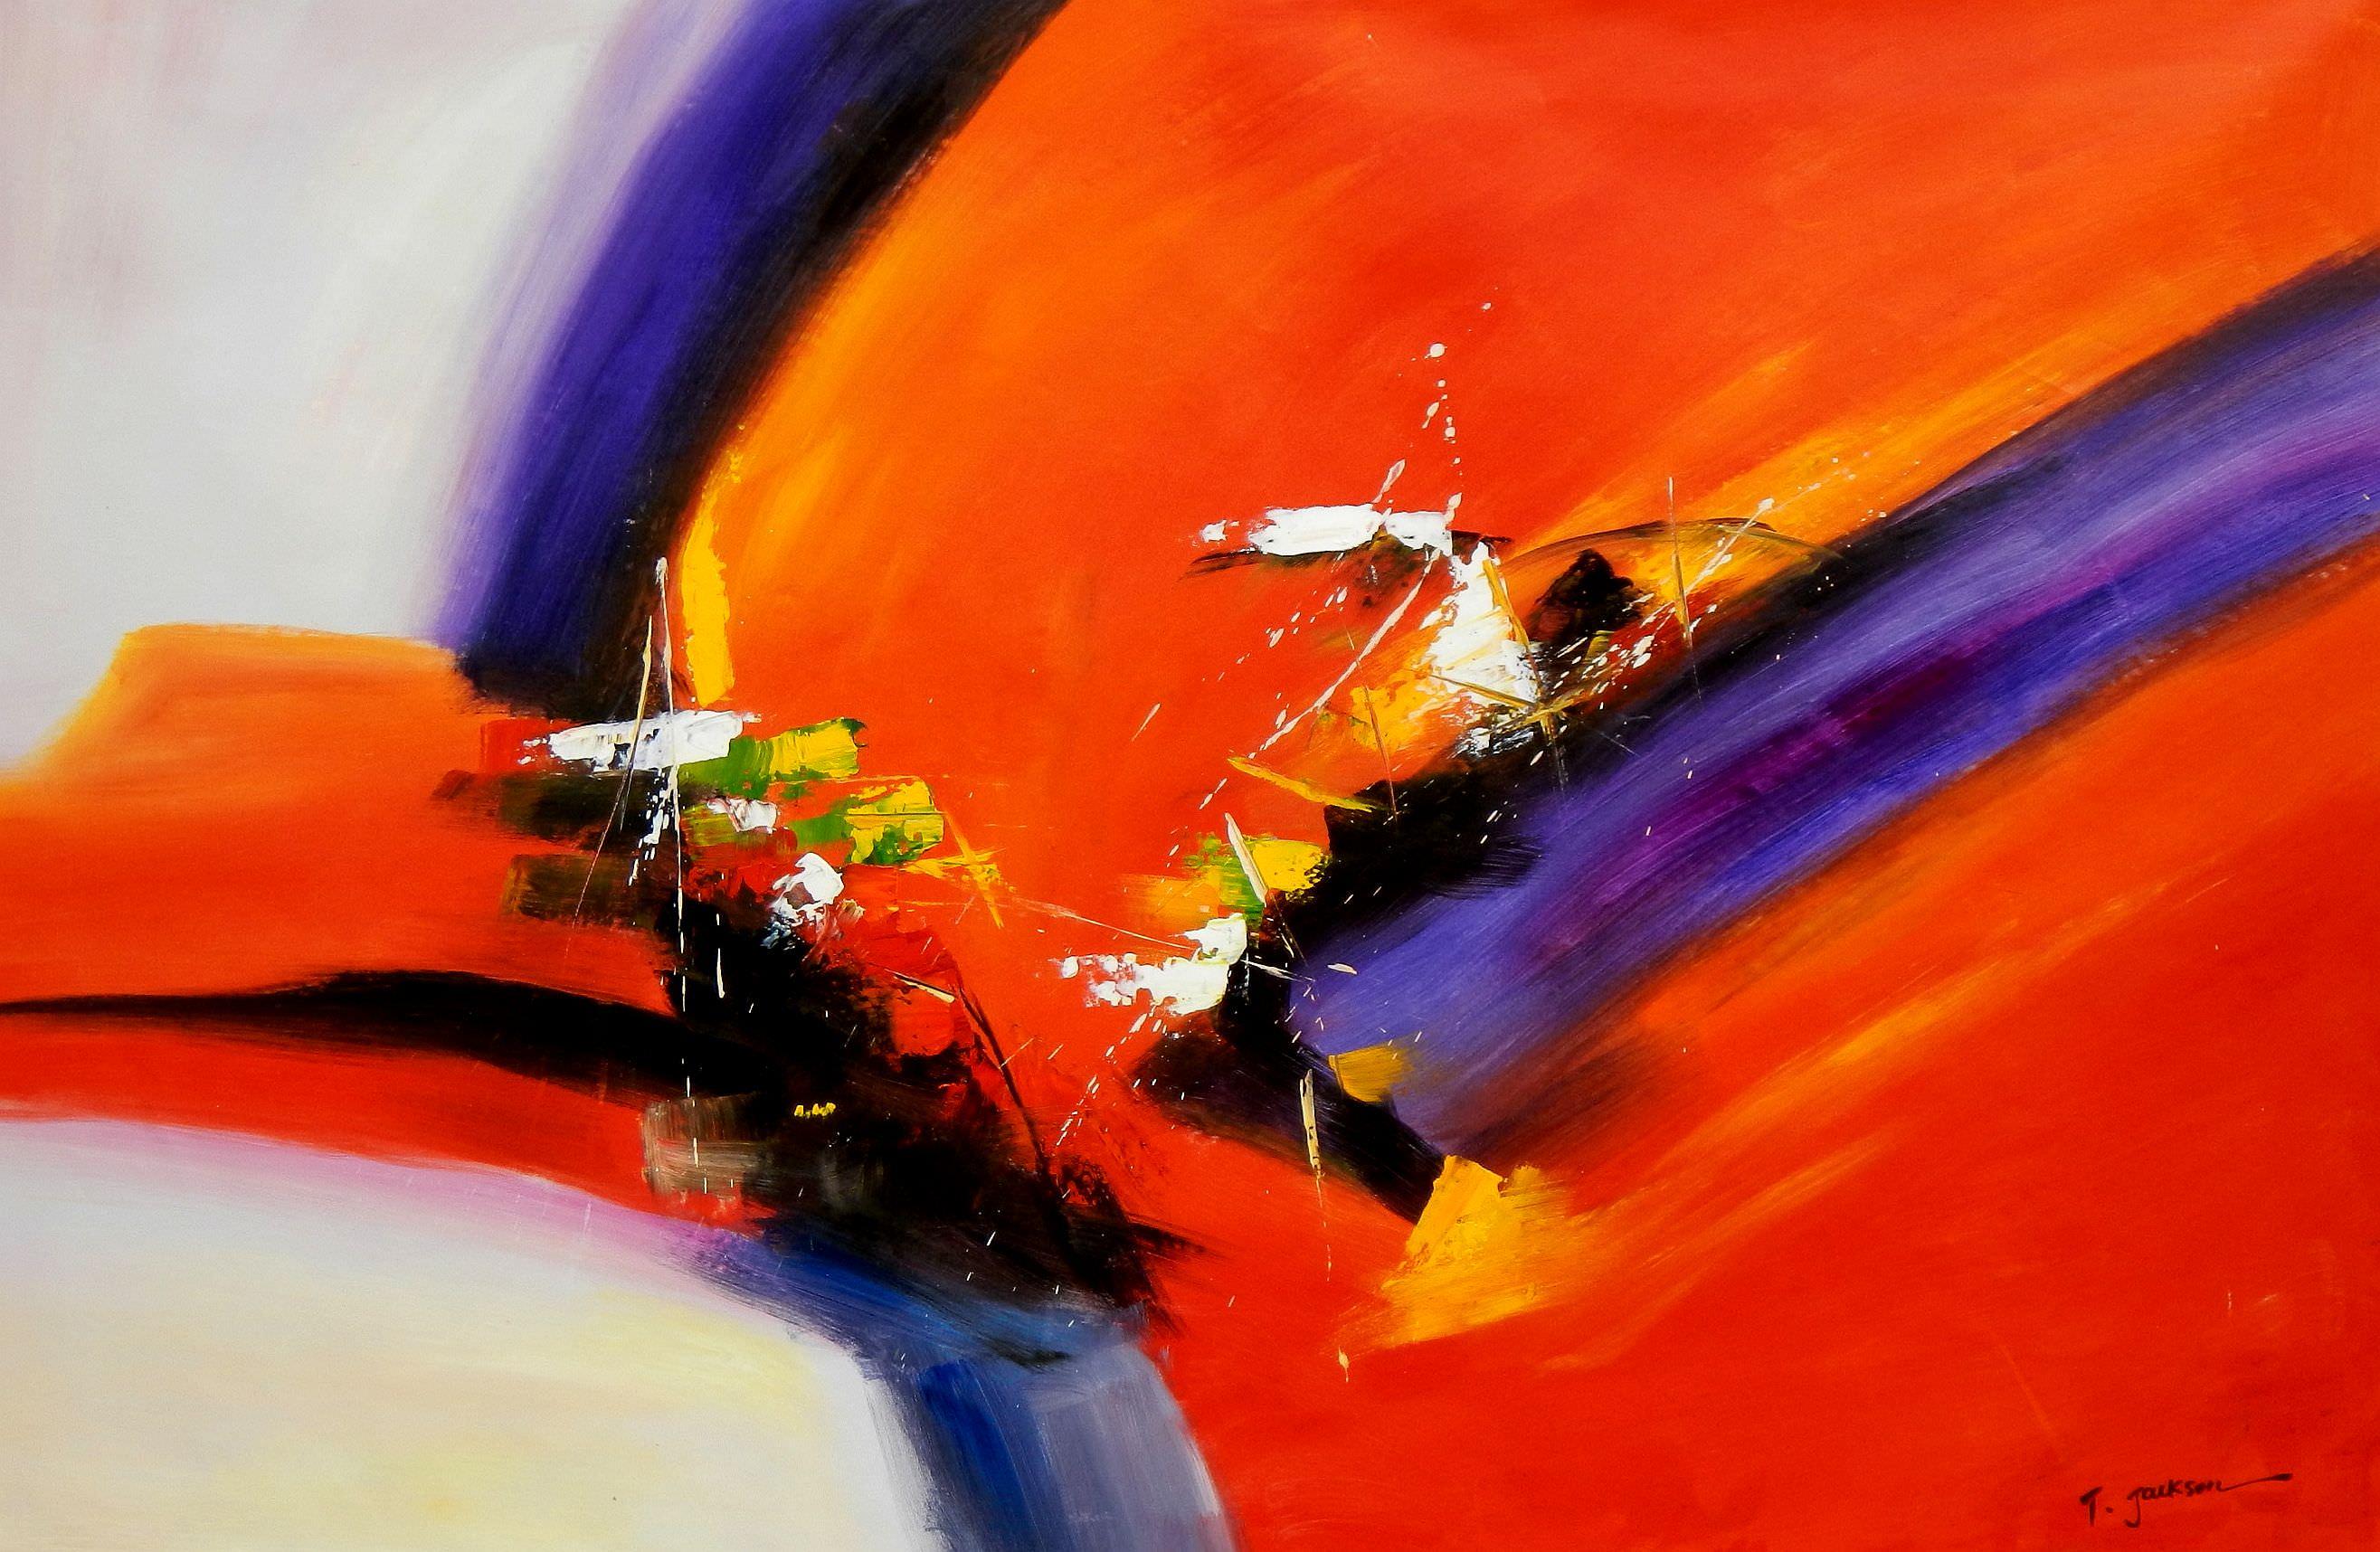 Abstract - Impact study p95980 120x180cm abstraktes Ölgemälde